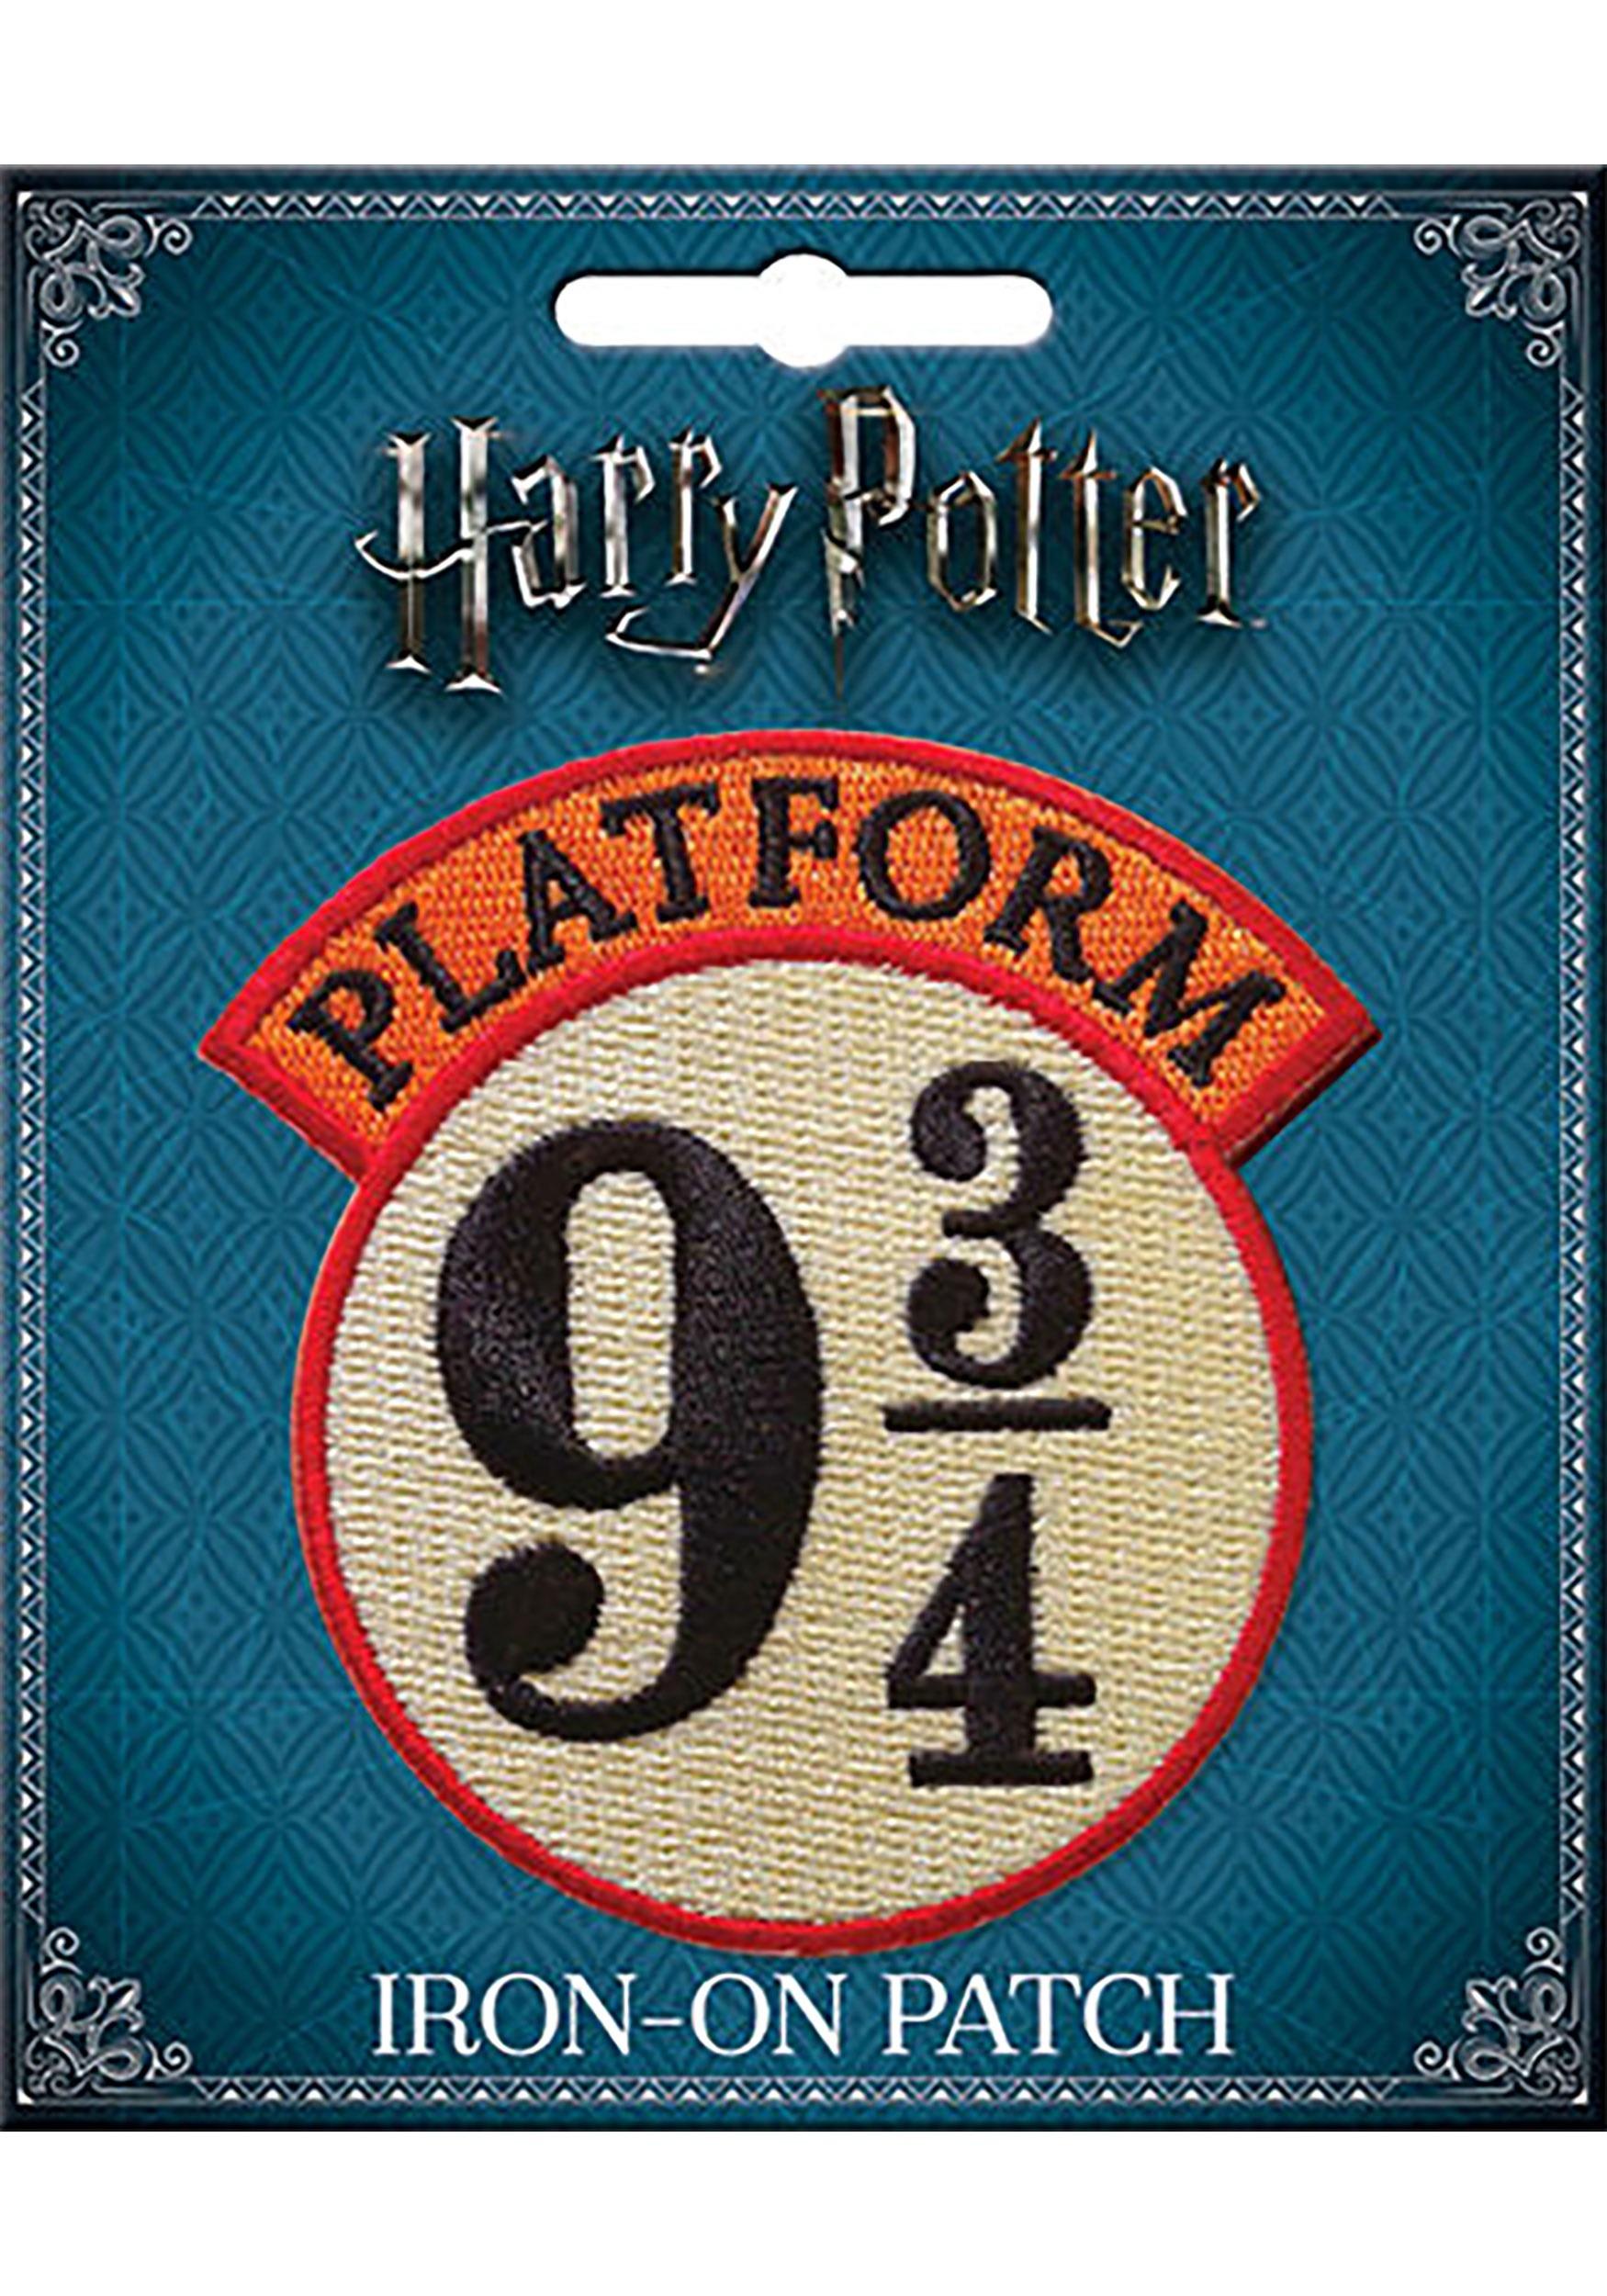 Platform 9 3/4 Harry Potter Iron-On Patch